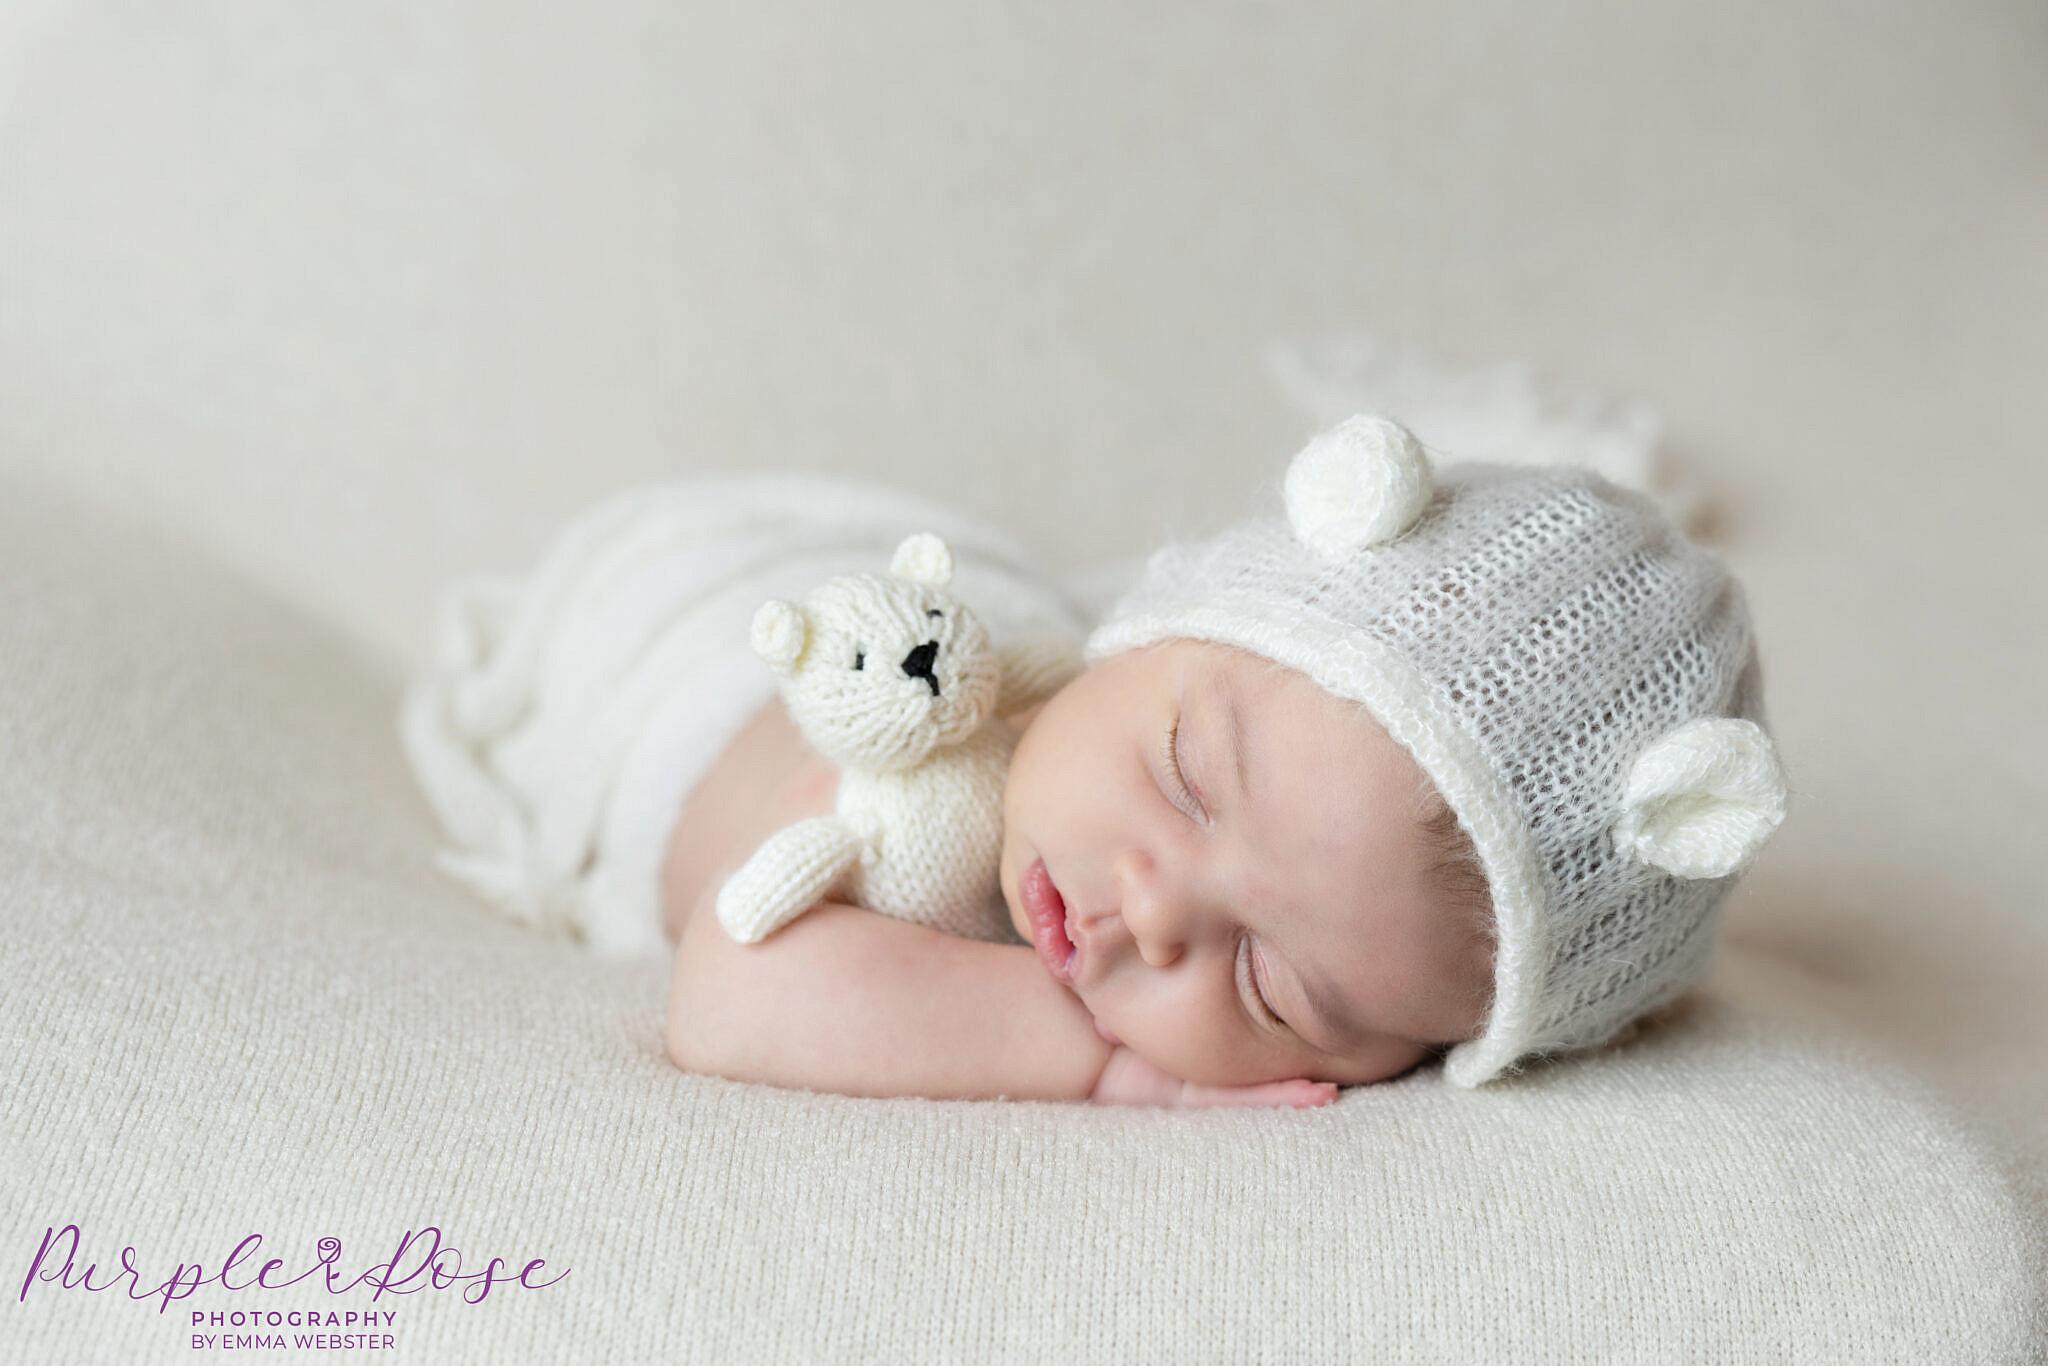 Baby girl cuddling teddy with bear bonnet on